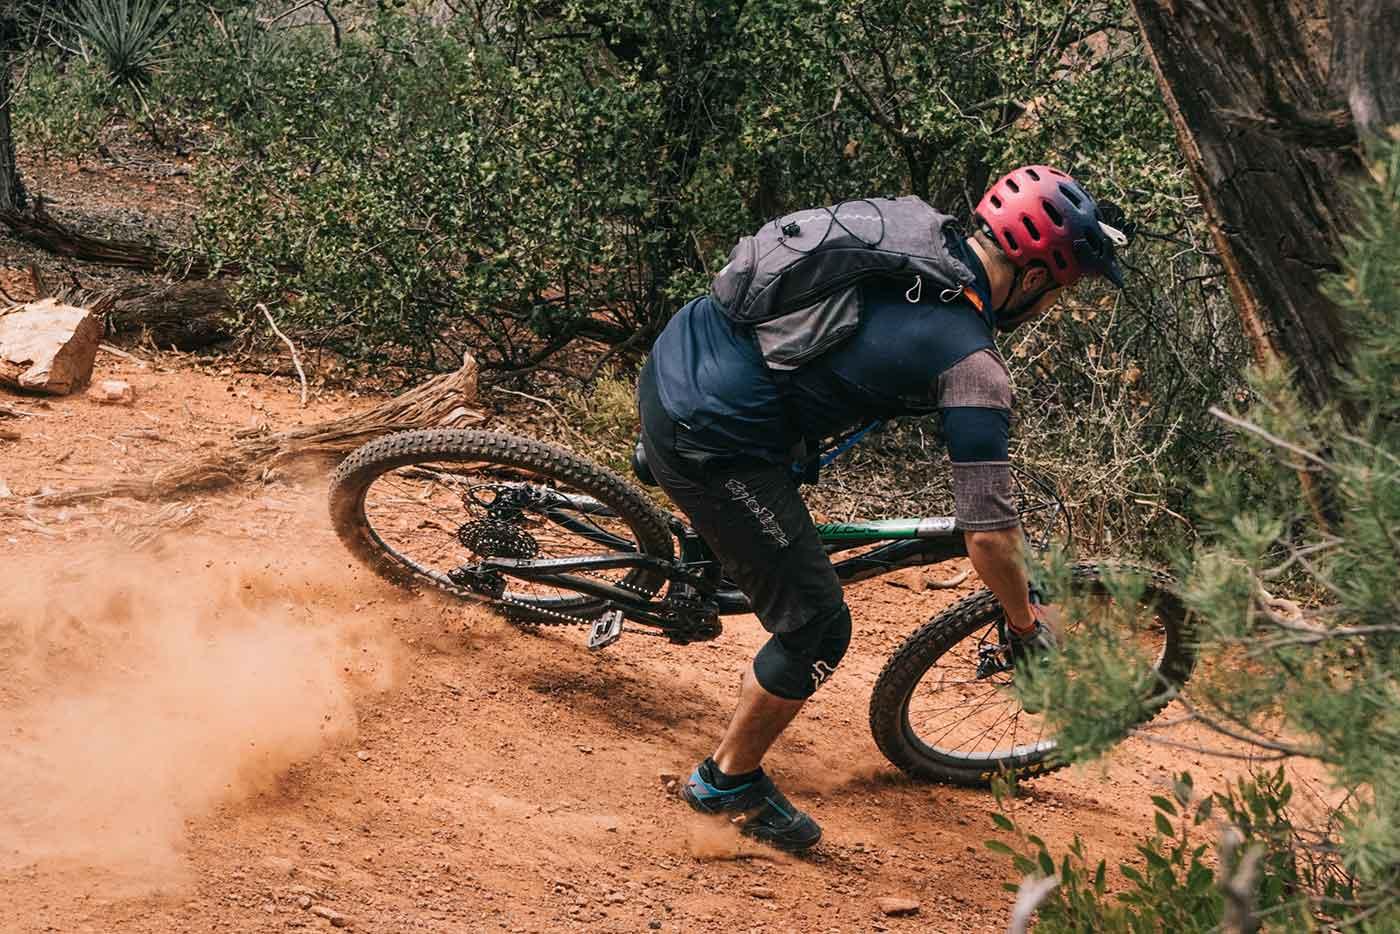 man mountain bikes down a hill